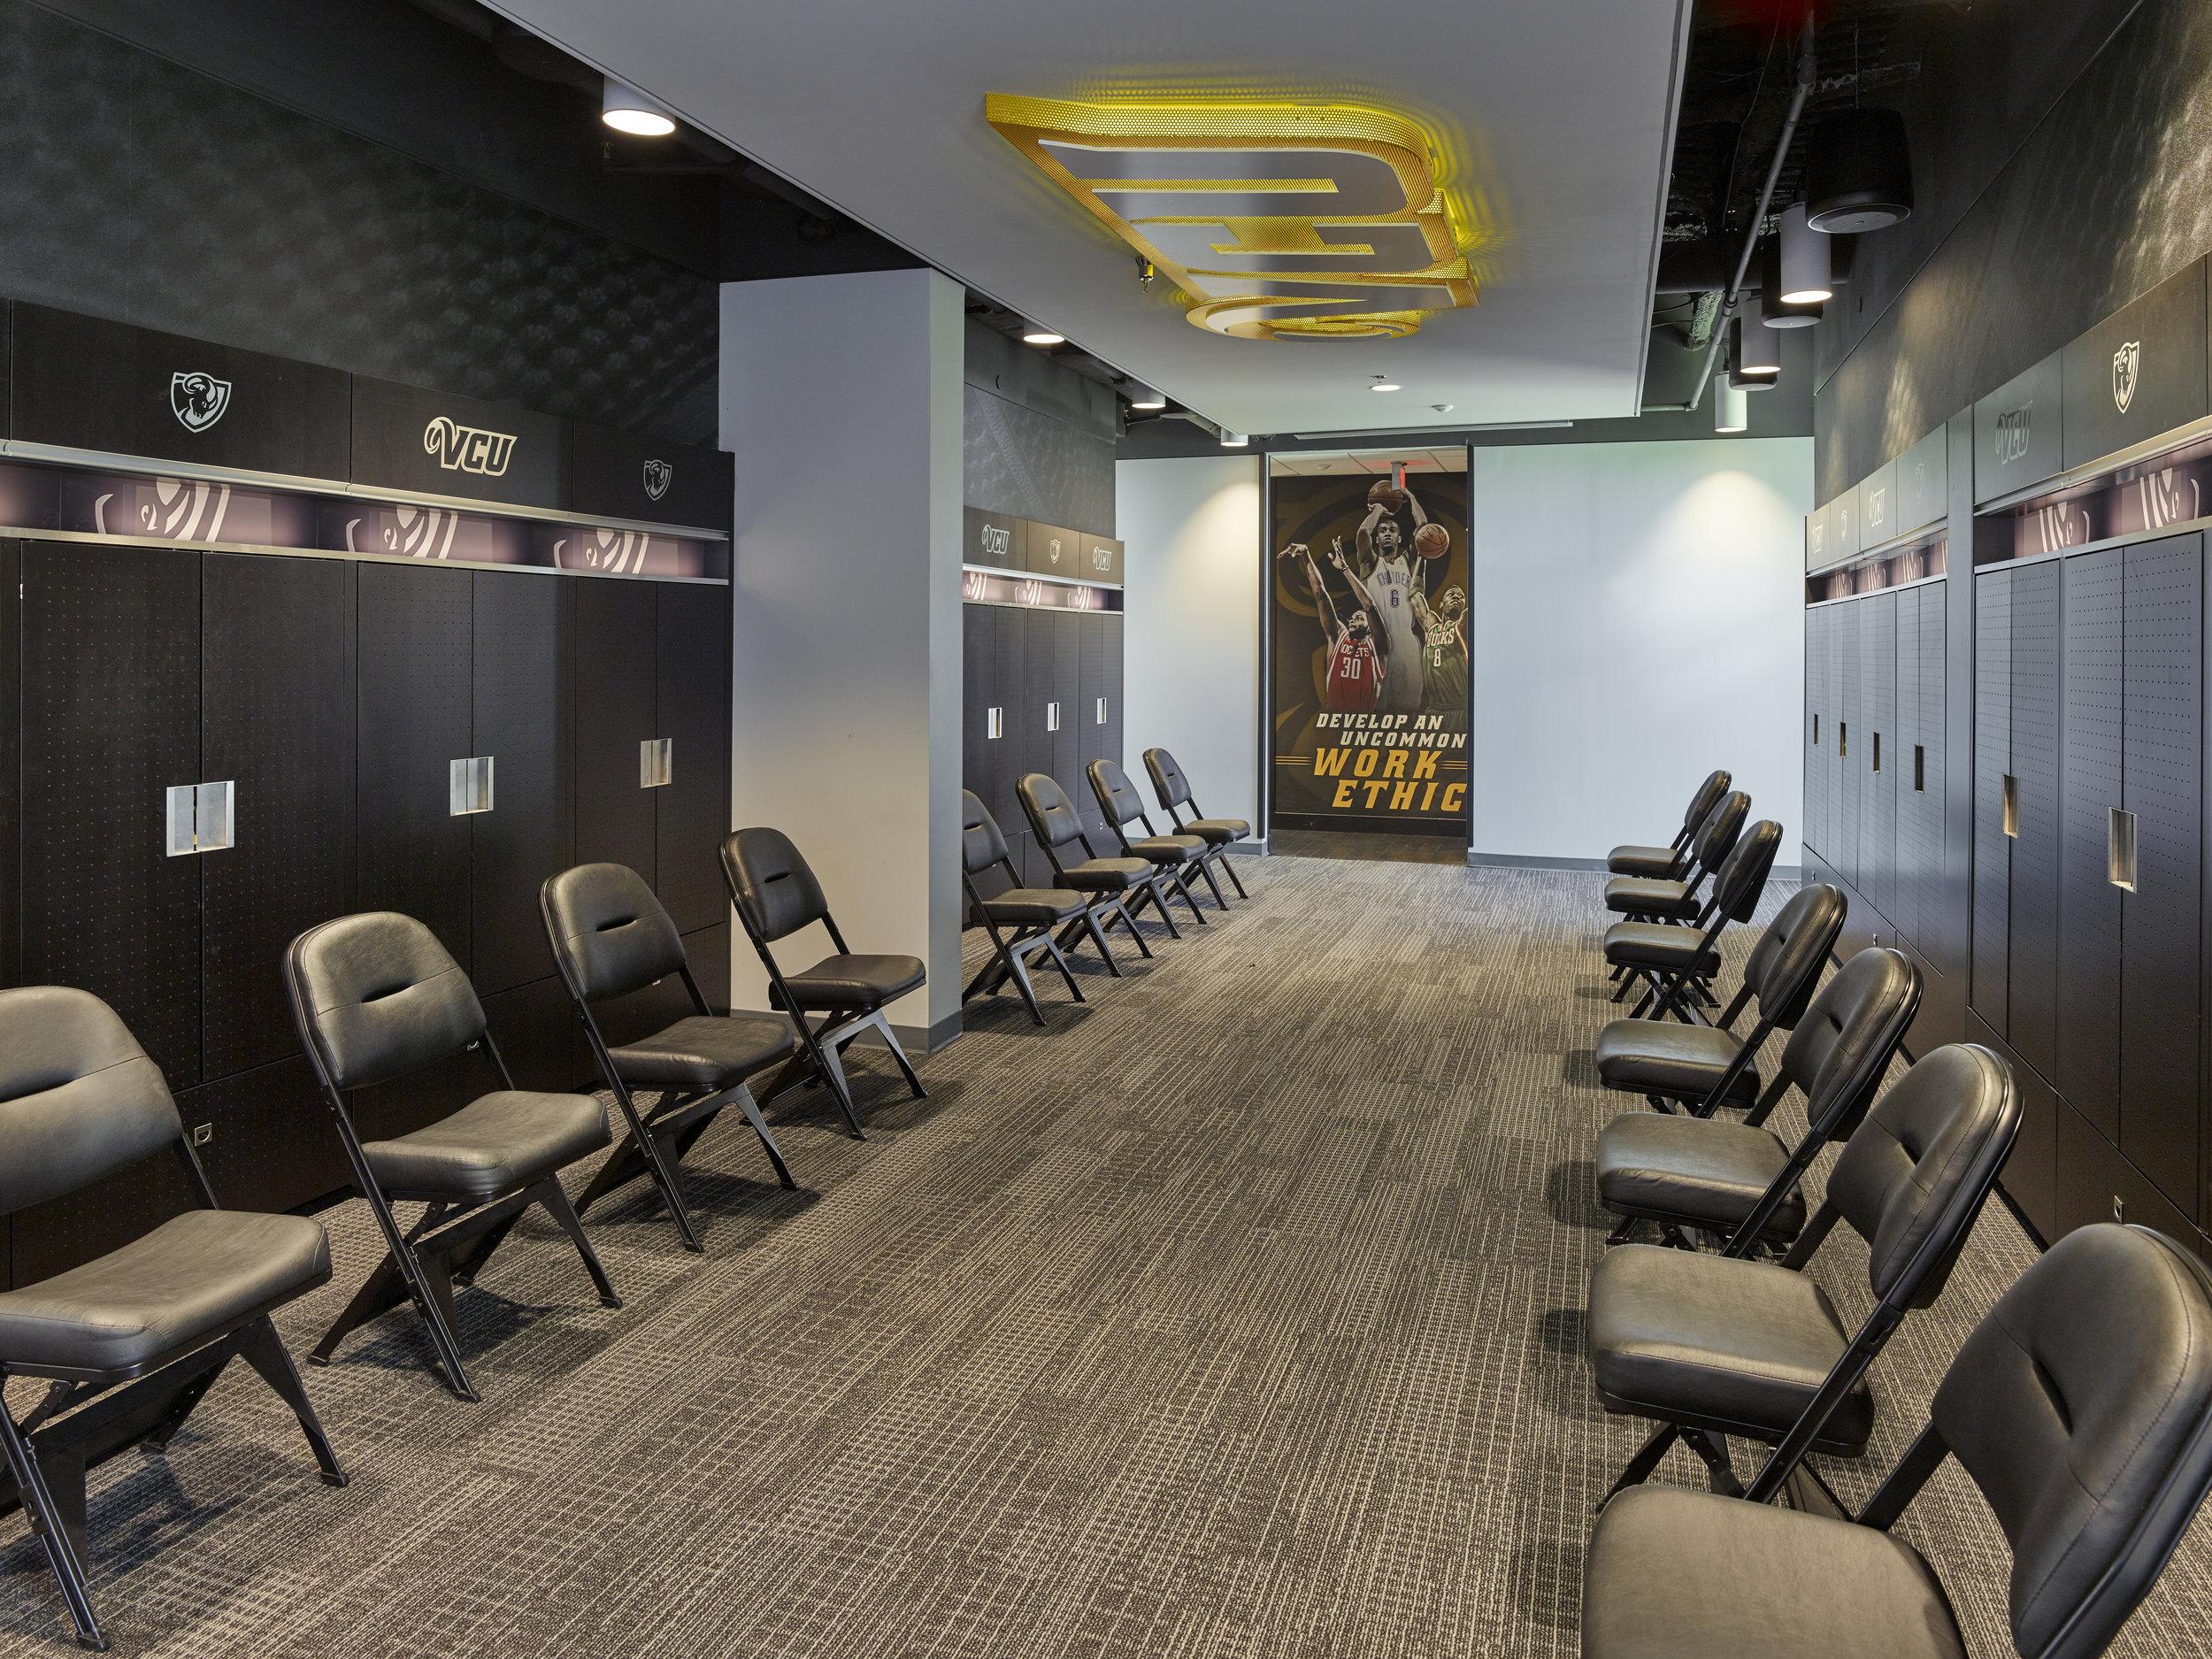 VCU_Basketball_Development_Center_3